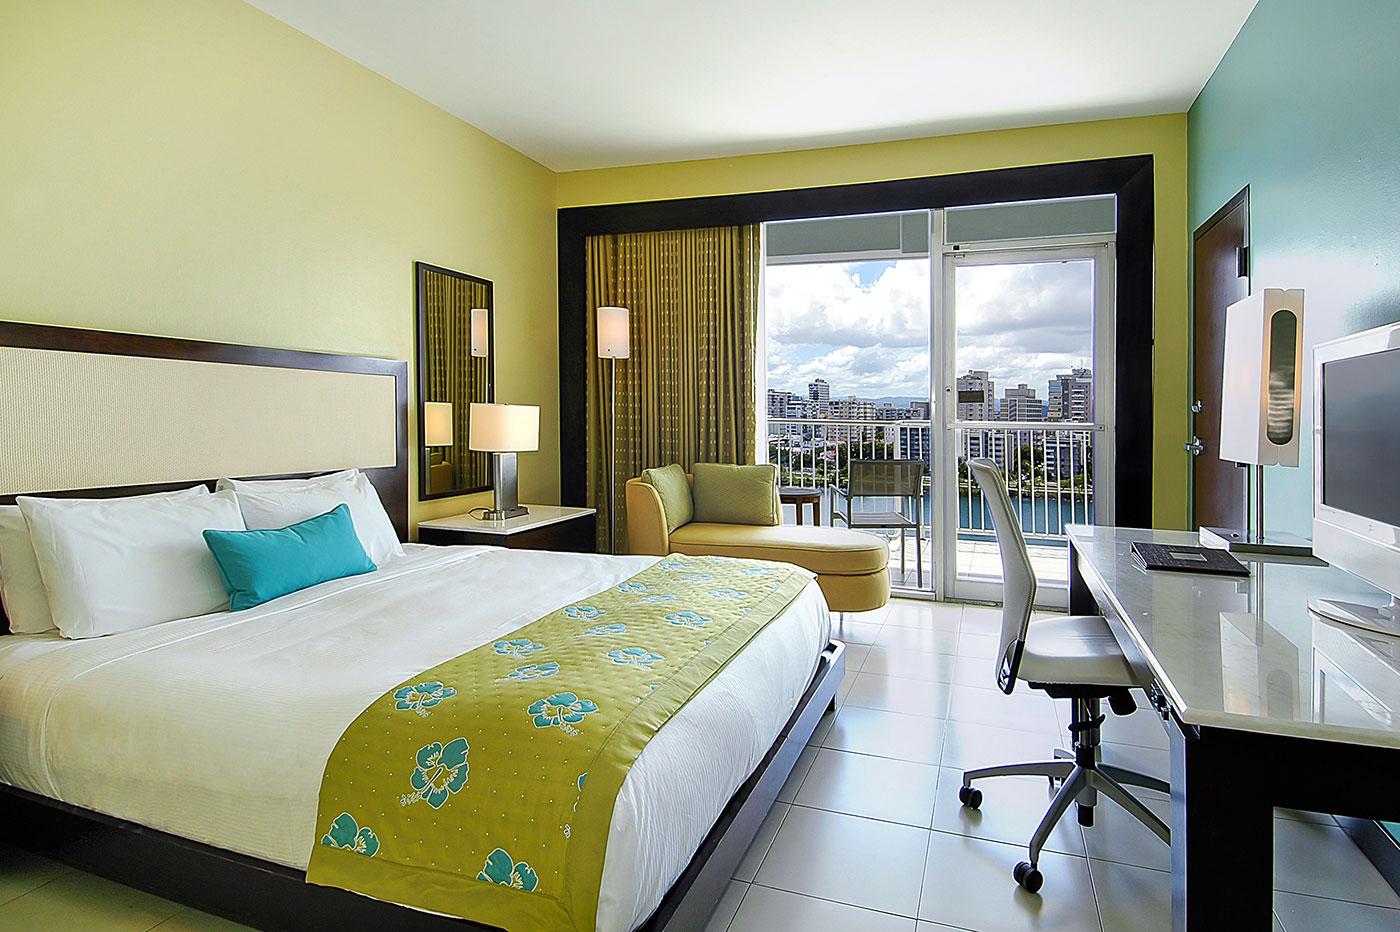 Room photo 4185403 hilton condado plaza hotel casino 2 bedroom suites san juan puerto rico